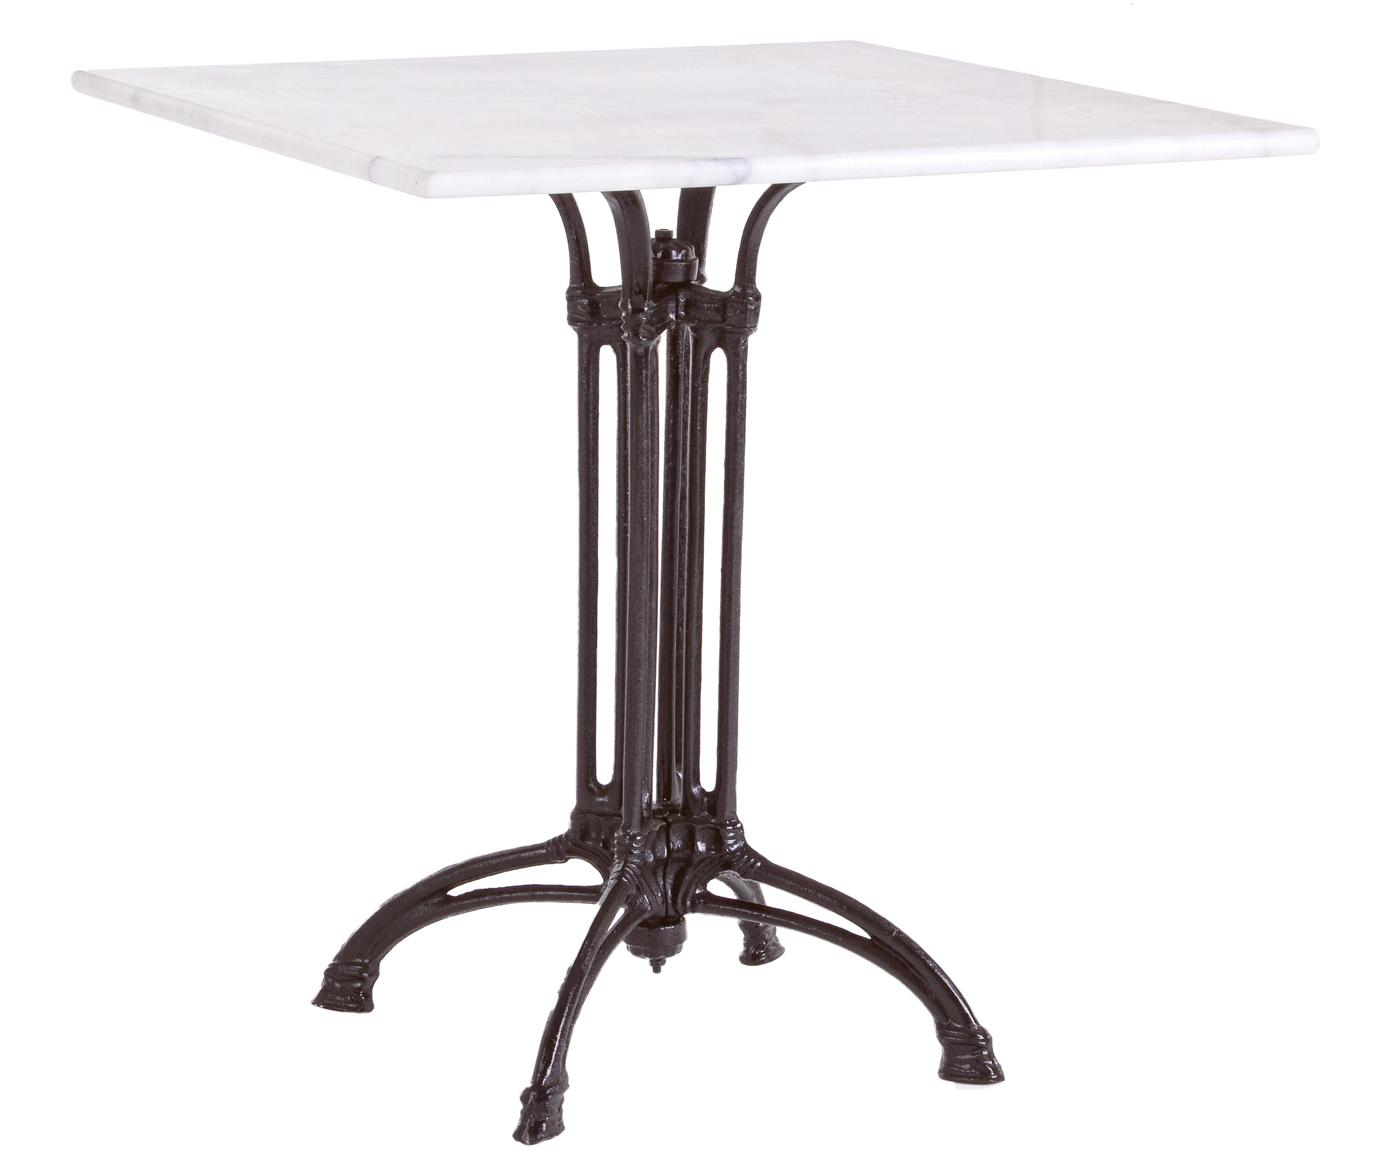 Mesa de exterior Loren, con tablero de mármol, Tablero: mármol, Estructura: acero recubierto, Negro, blanco, veteado, An 70 x Al 71 x F 70 cm